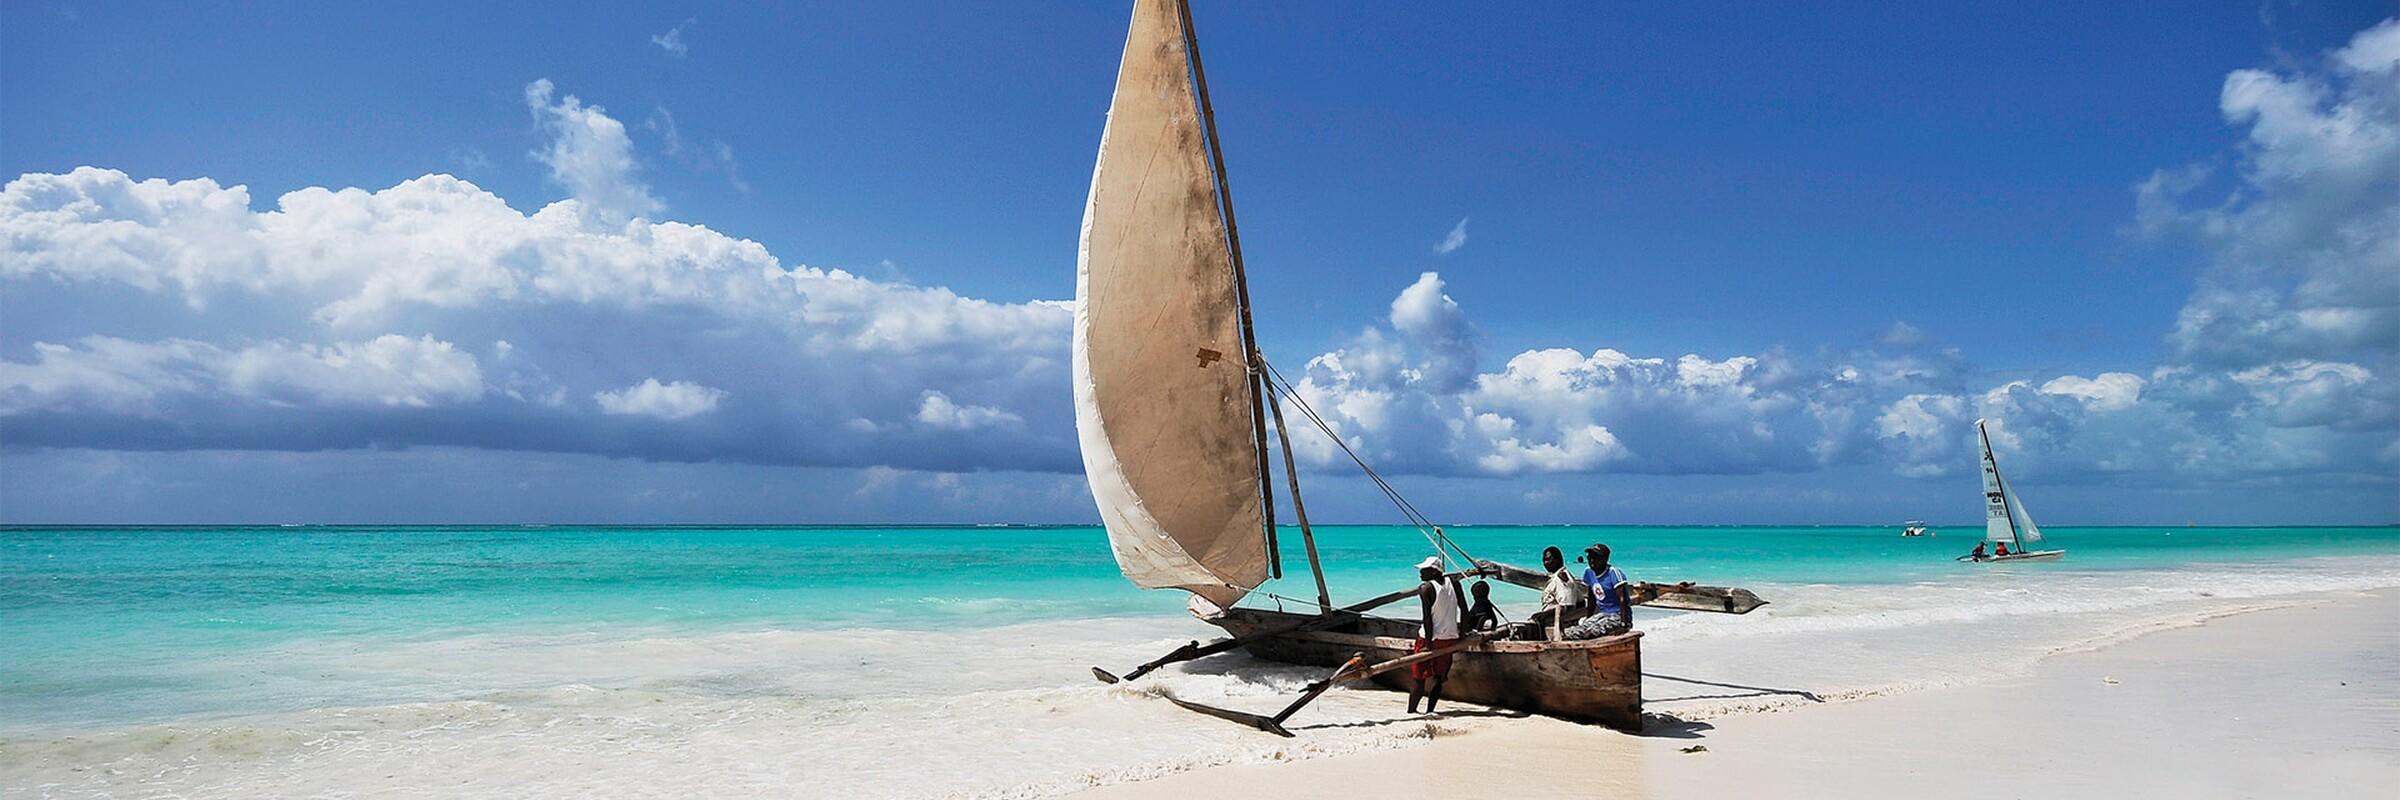 Katamaran-Segeln und Windsurfen sind sehr beliebte Aktivitäten auf der Insel Sansibar im Oman.